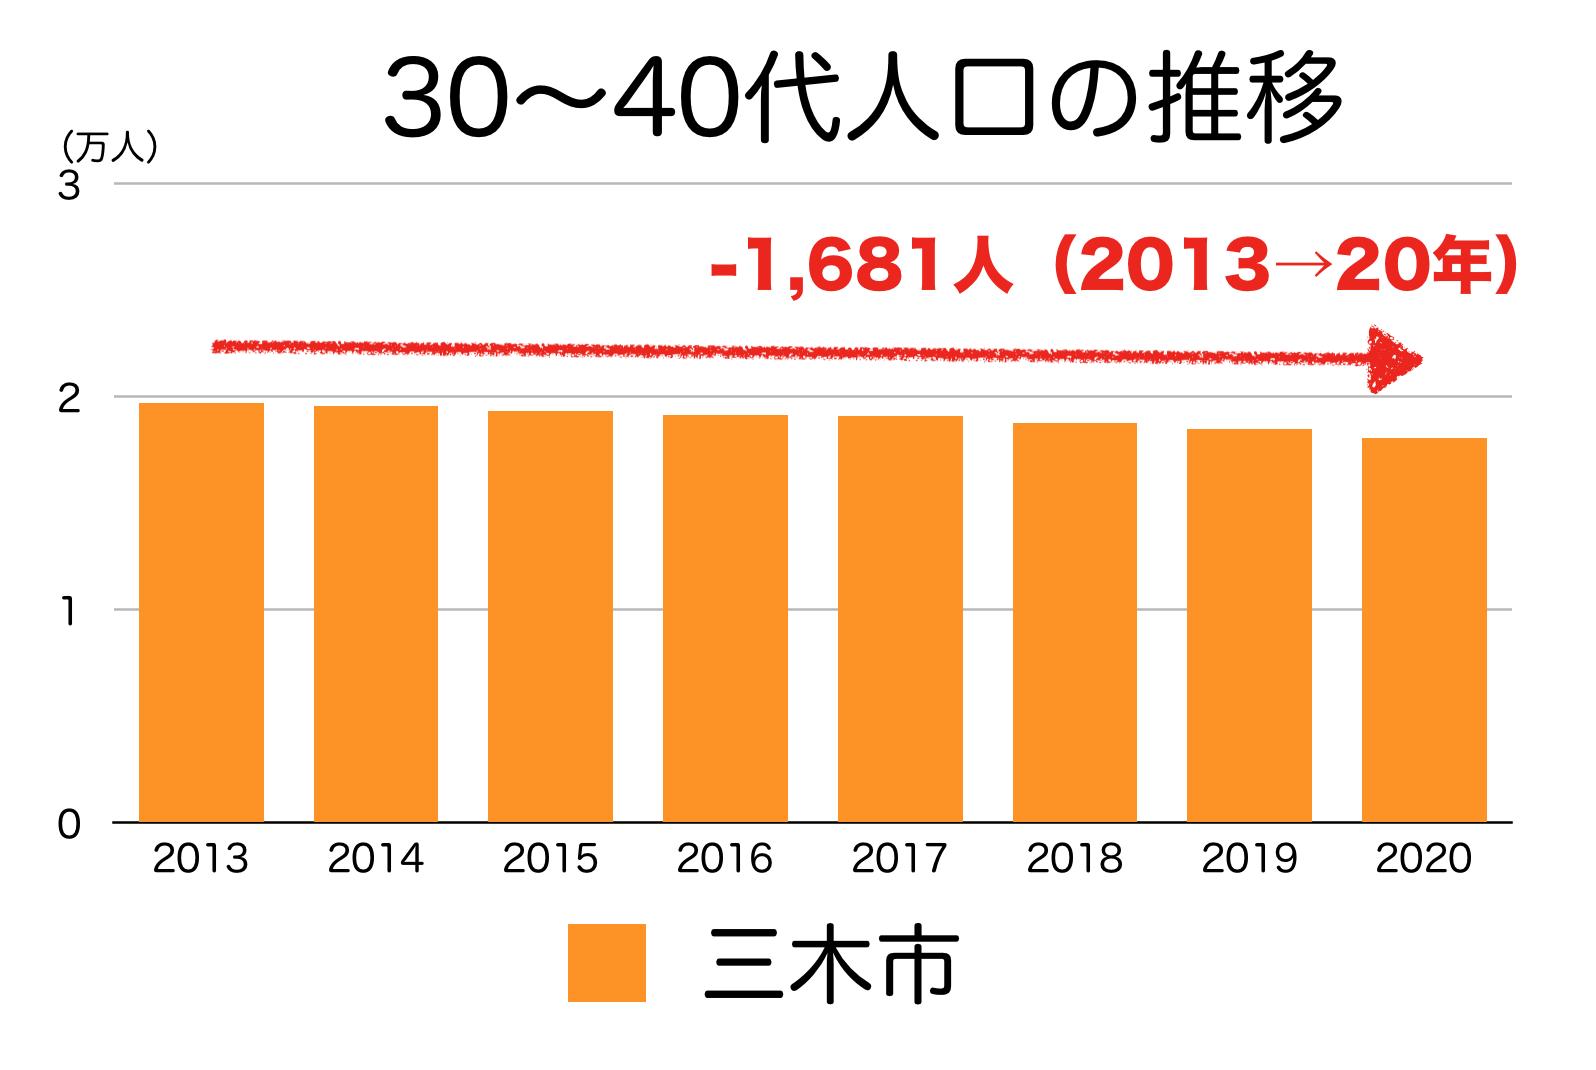 三木市の30〜40代人口の推移